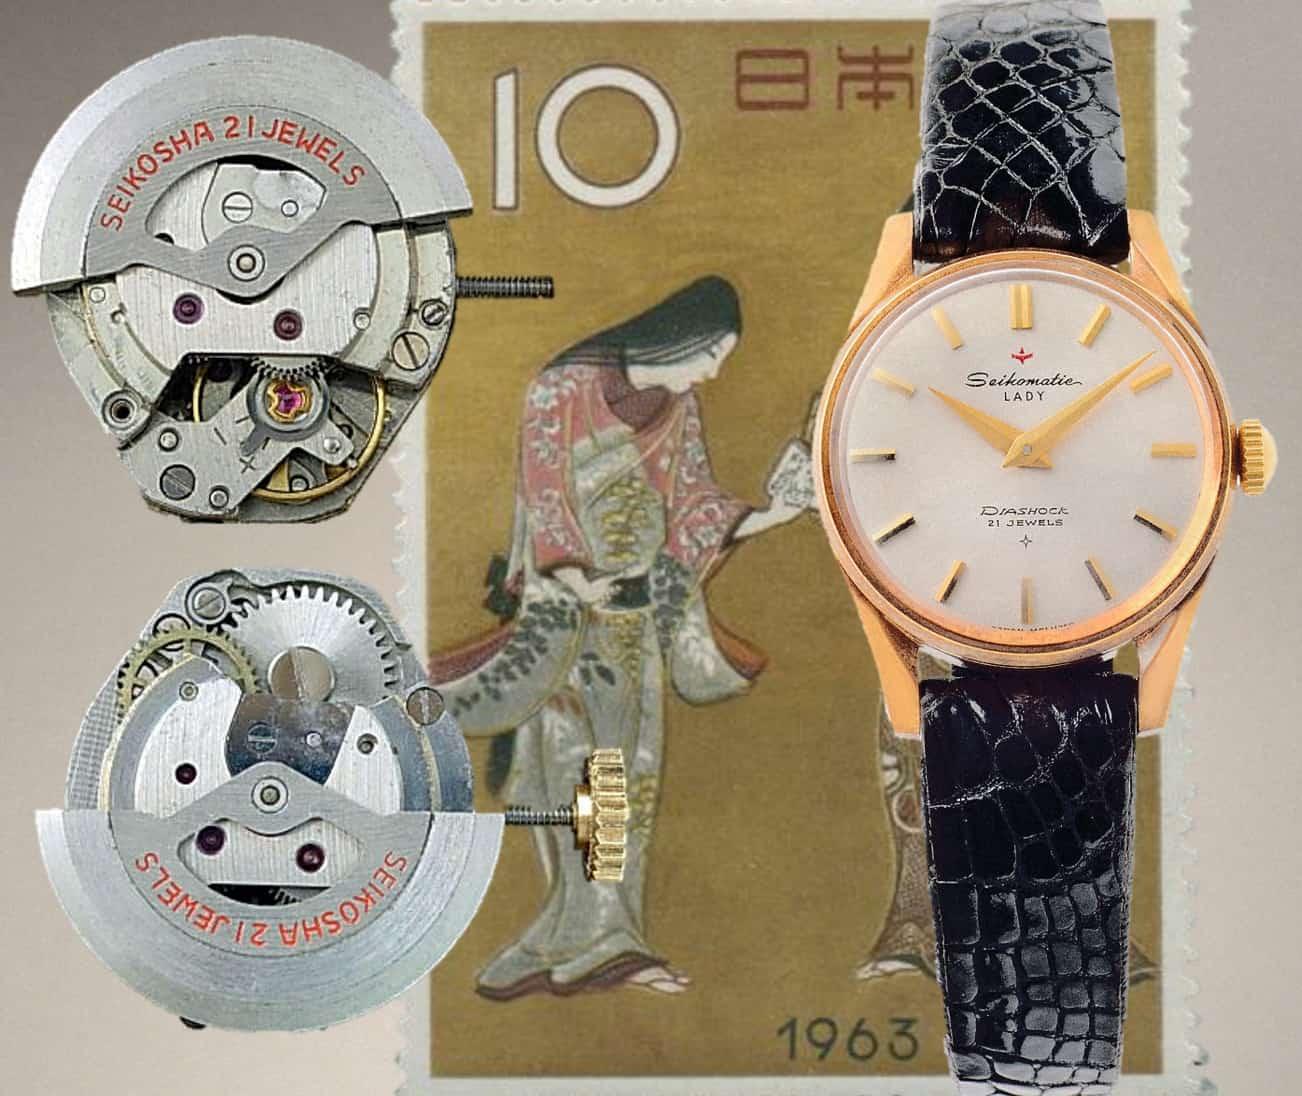 Das Seiko Modell Seikomatic Lady von 1963